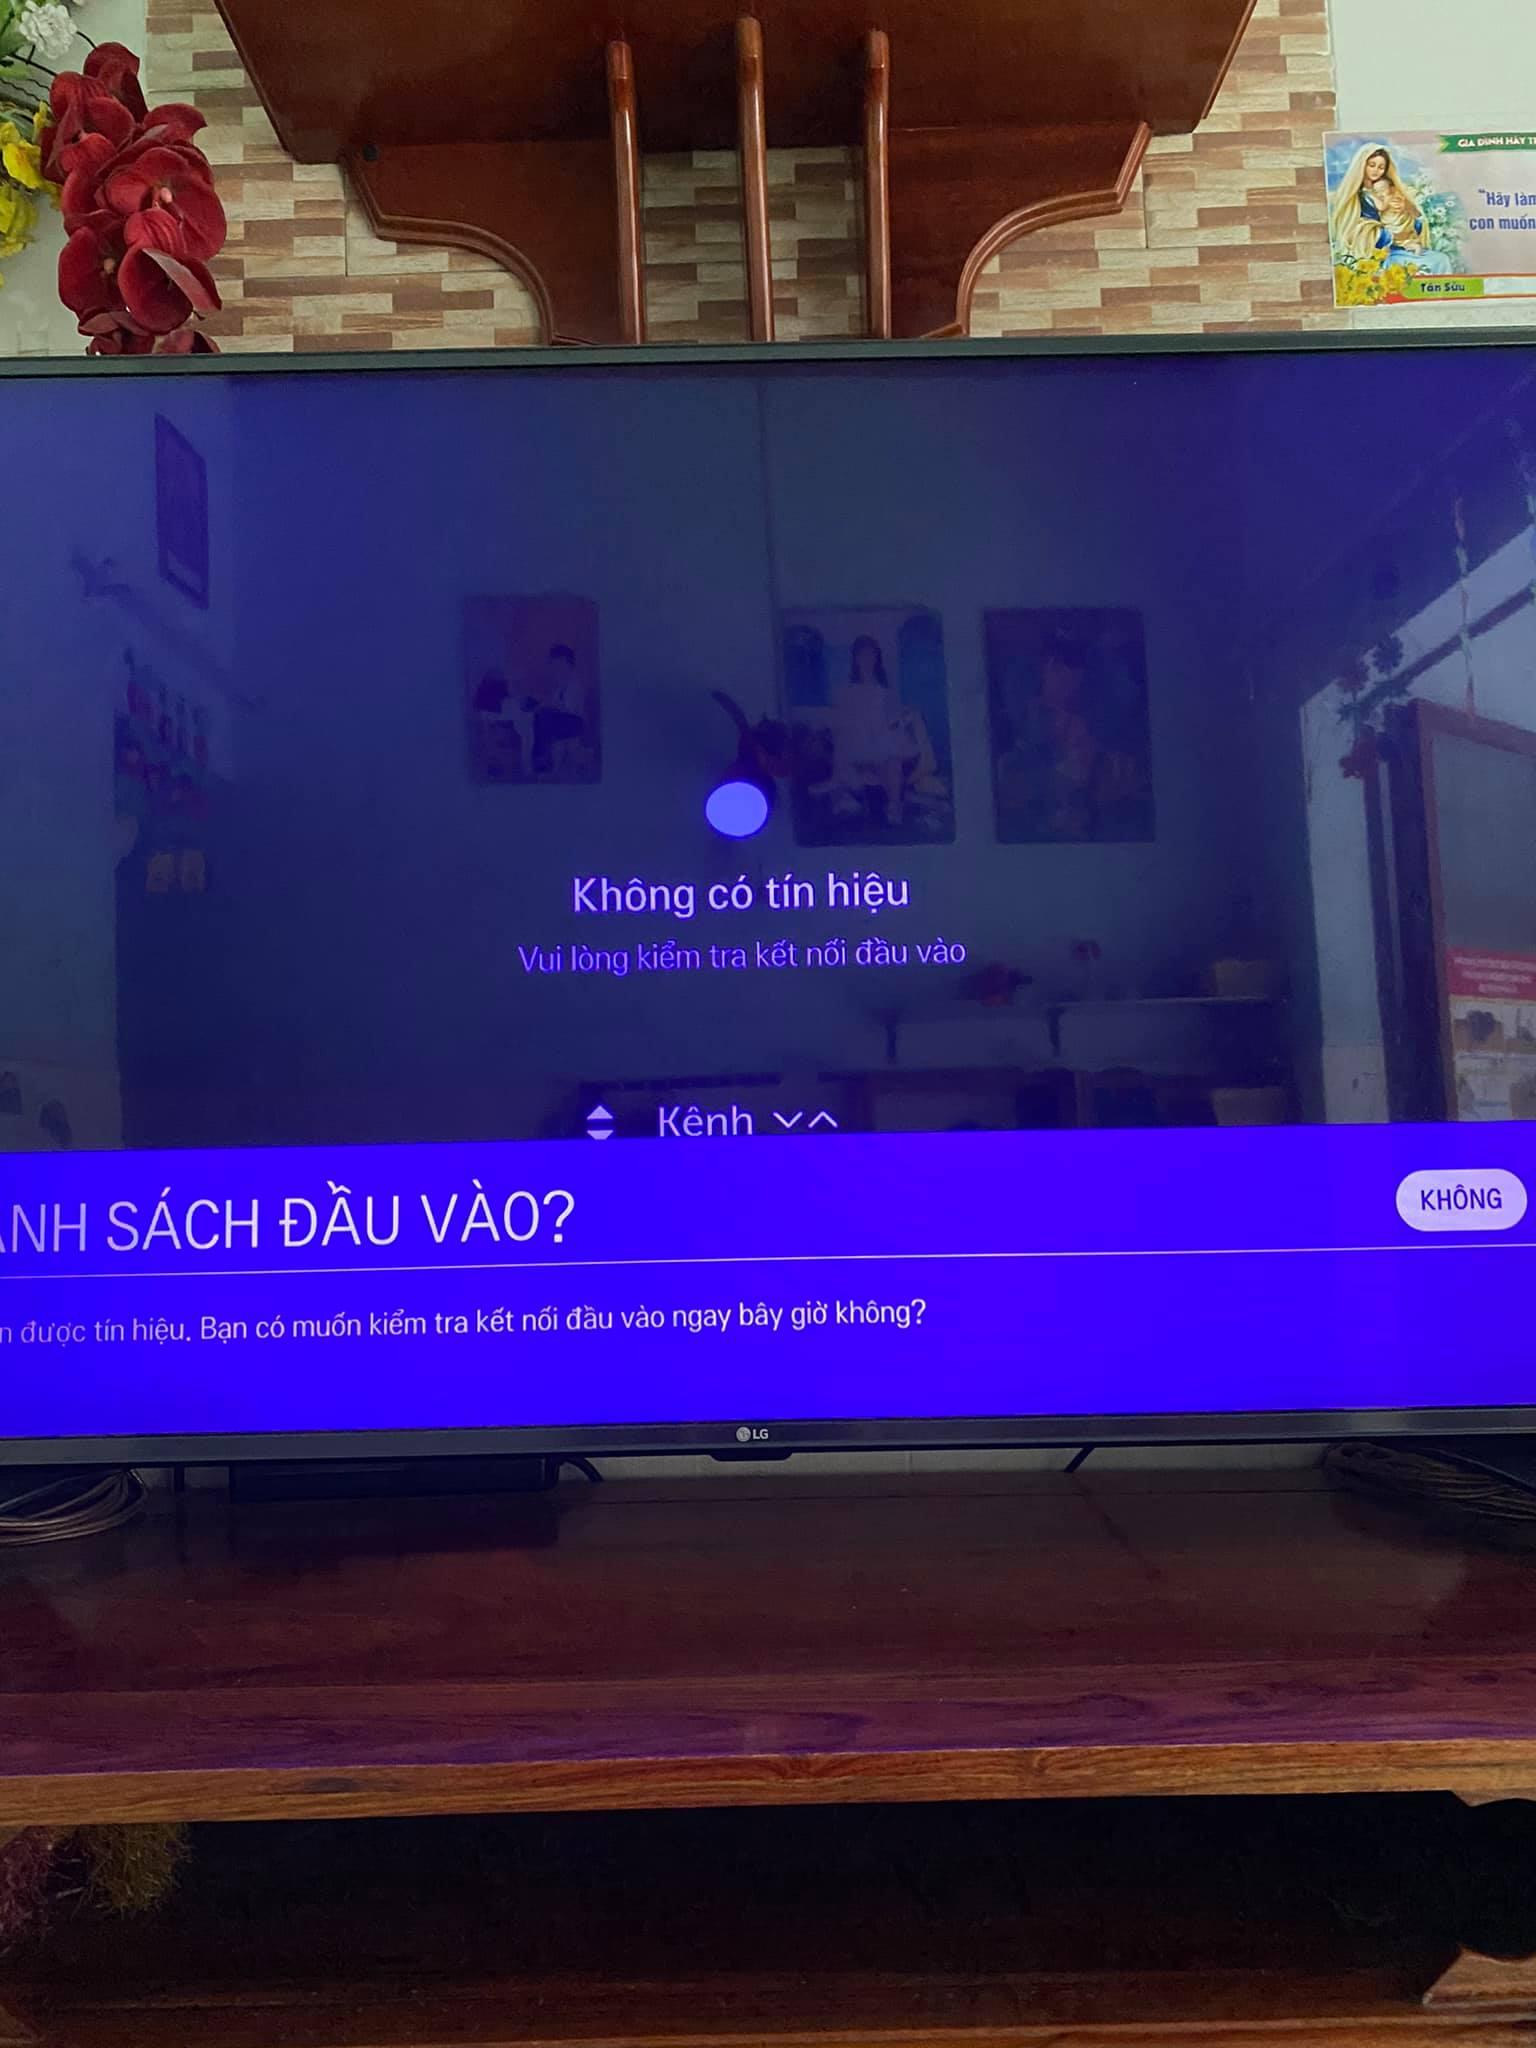 Tivi không nhận hdmi